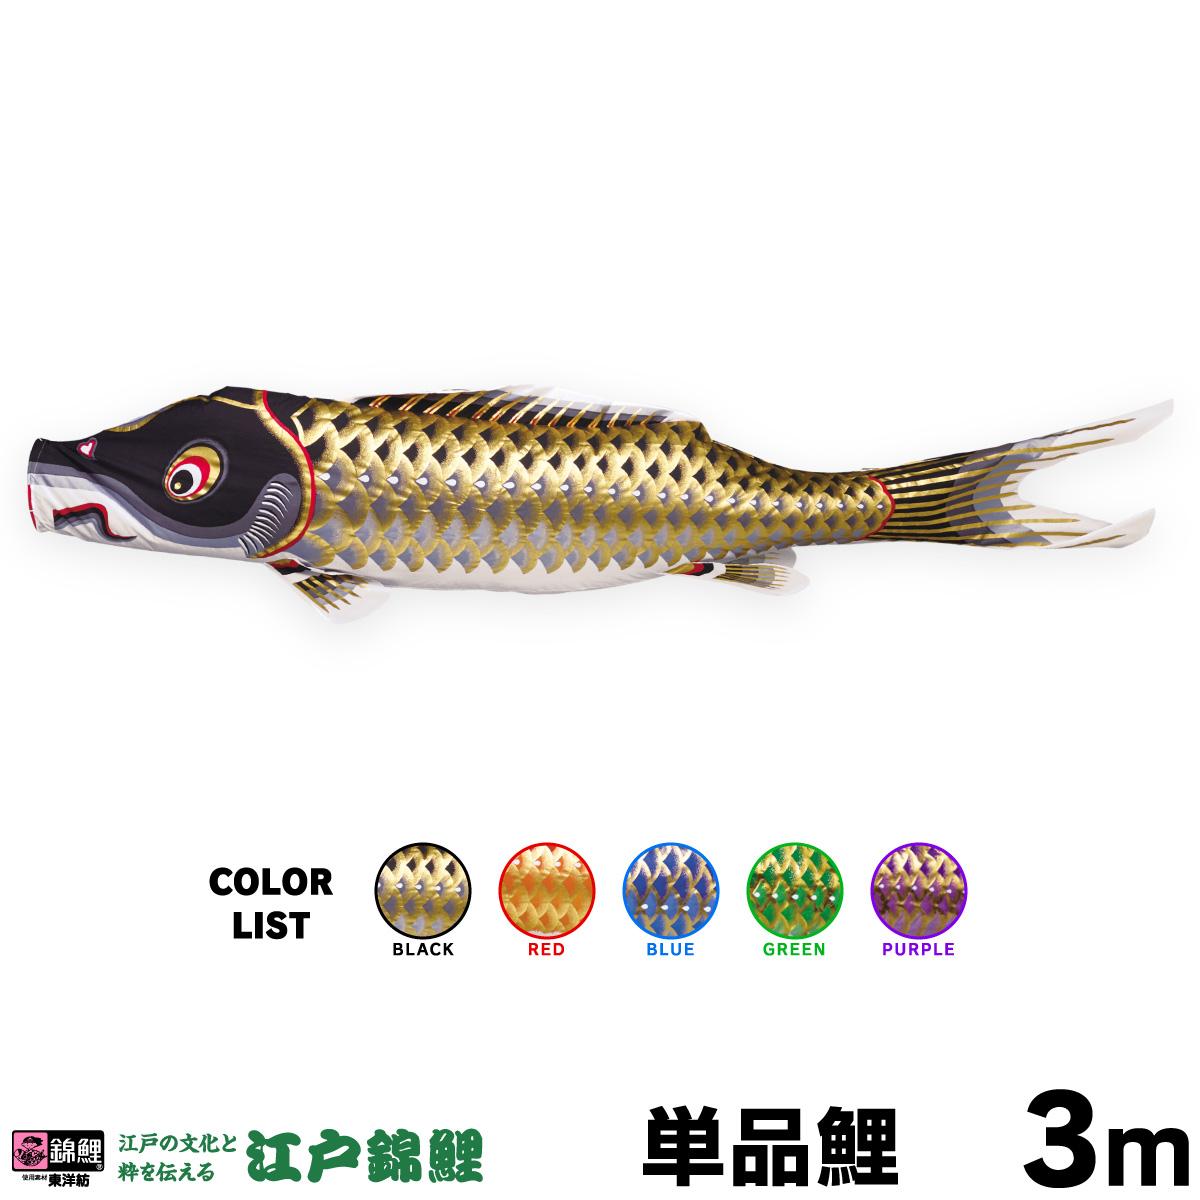 【こいのぼり 単品】 江戸錦鯉 3m 単品鯉